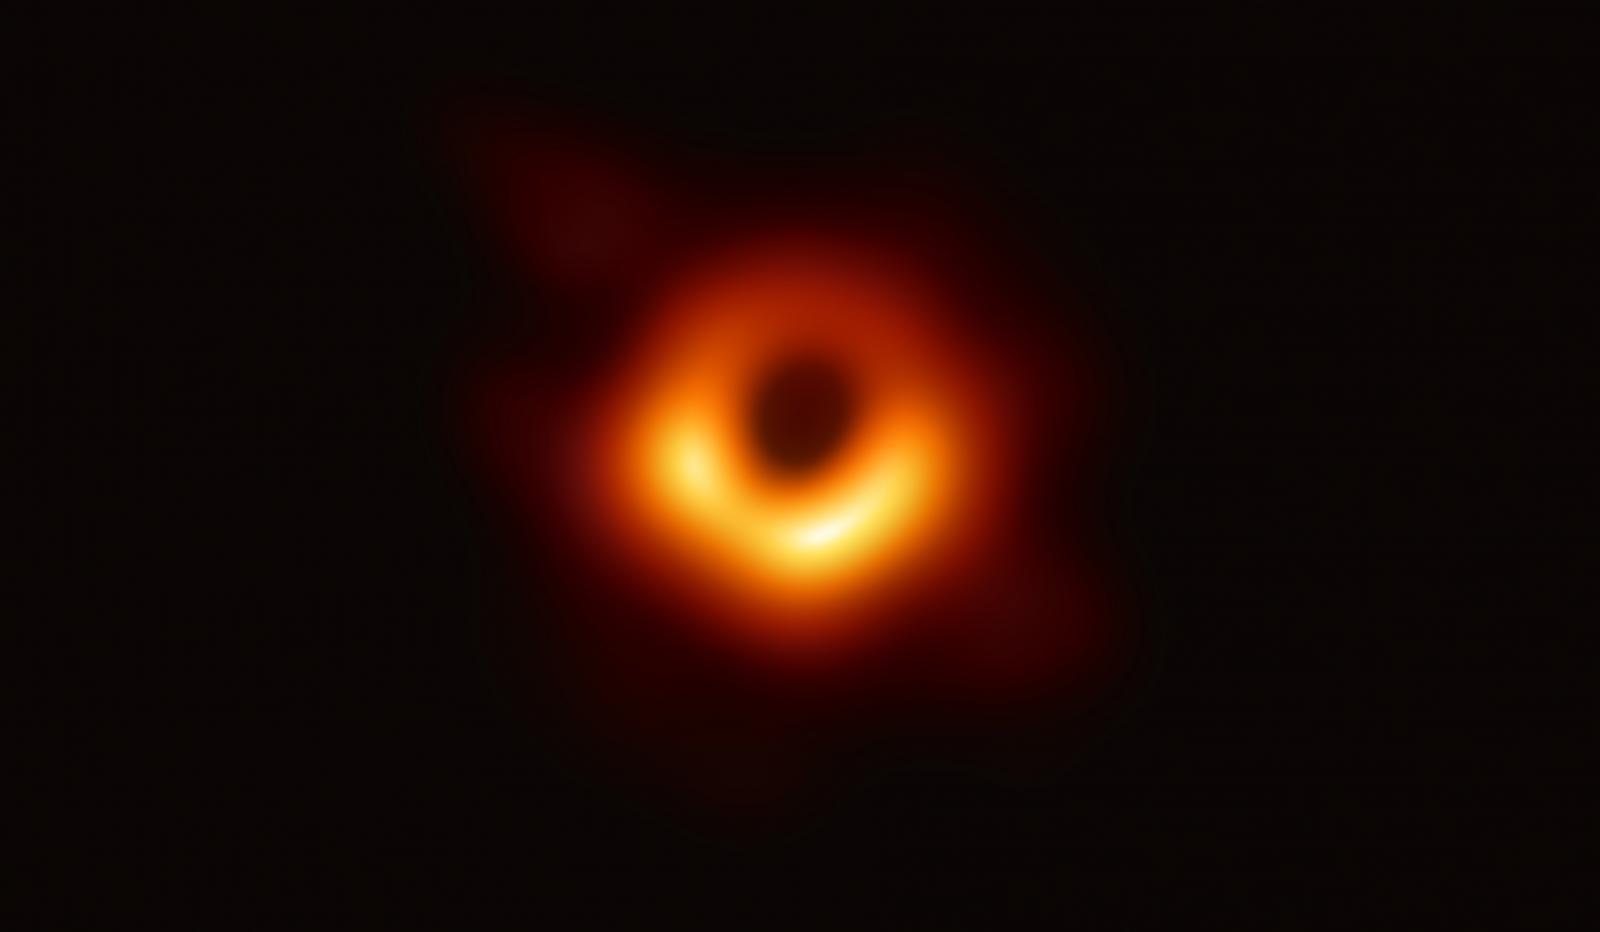 """นักวิทย์เปิดภาพถ่ายจริง """"หลุมดำ"""" ครั้งแรก"""